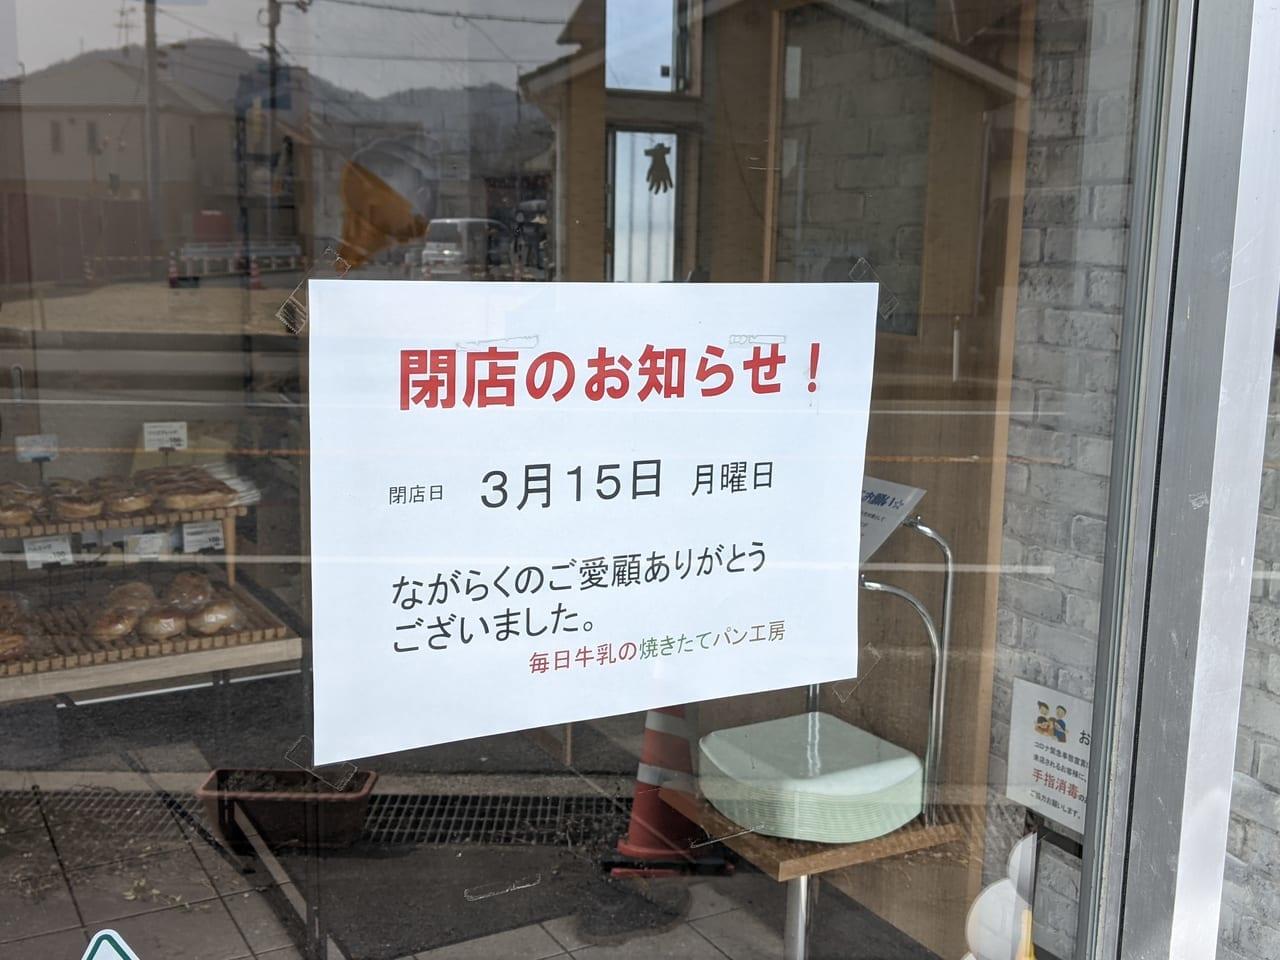 毎日牛乳焼き立てパン工房閉店のお知らせ